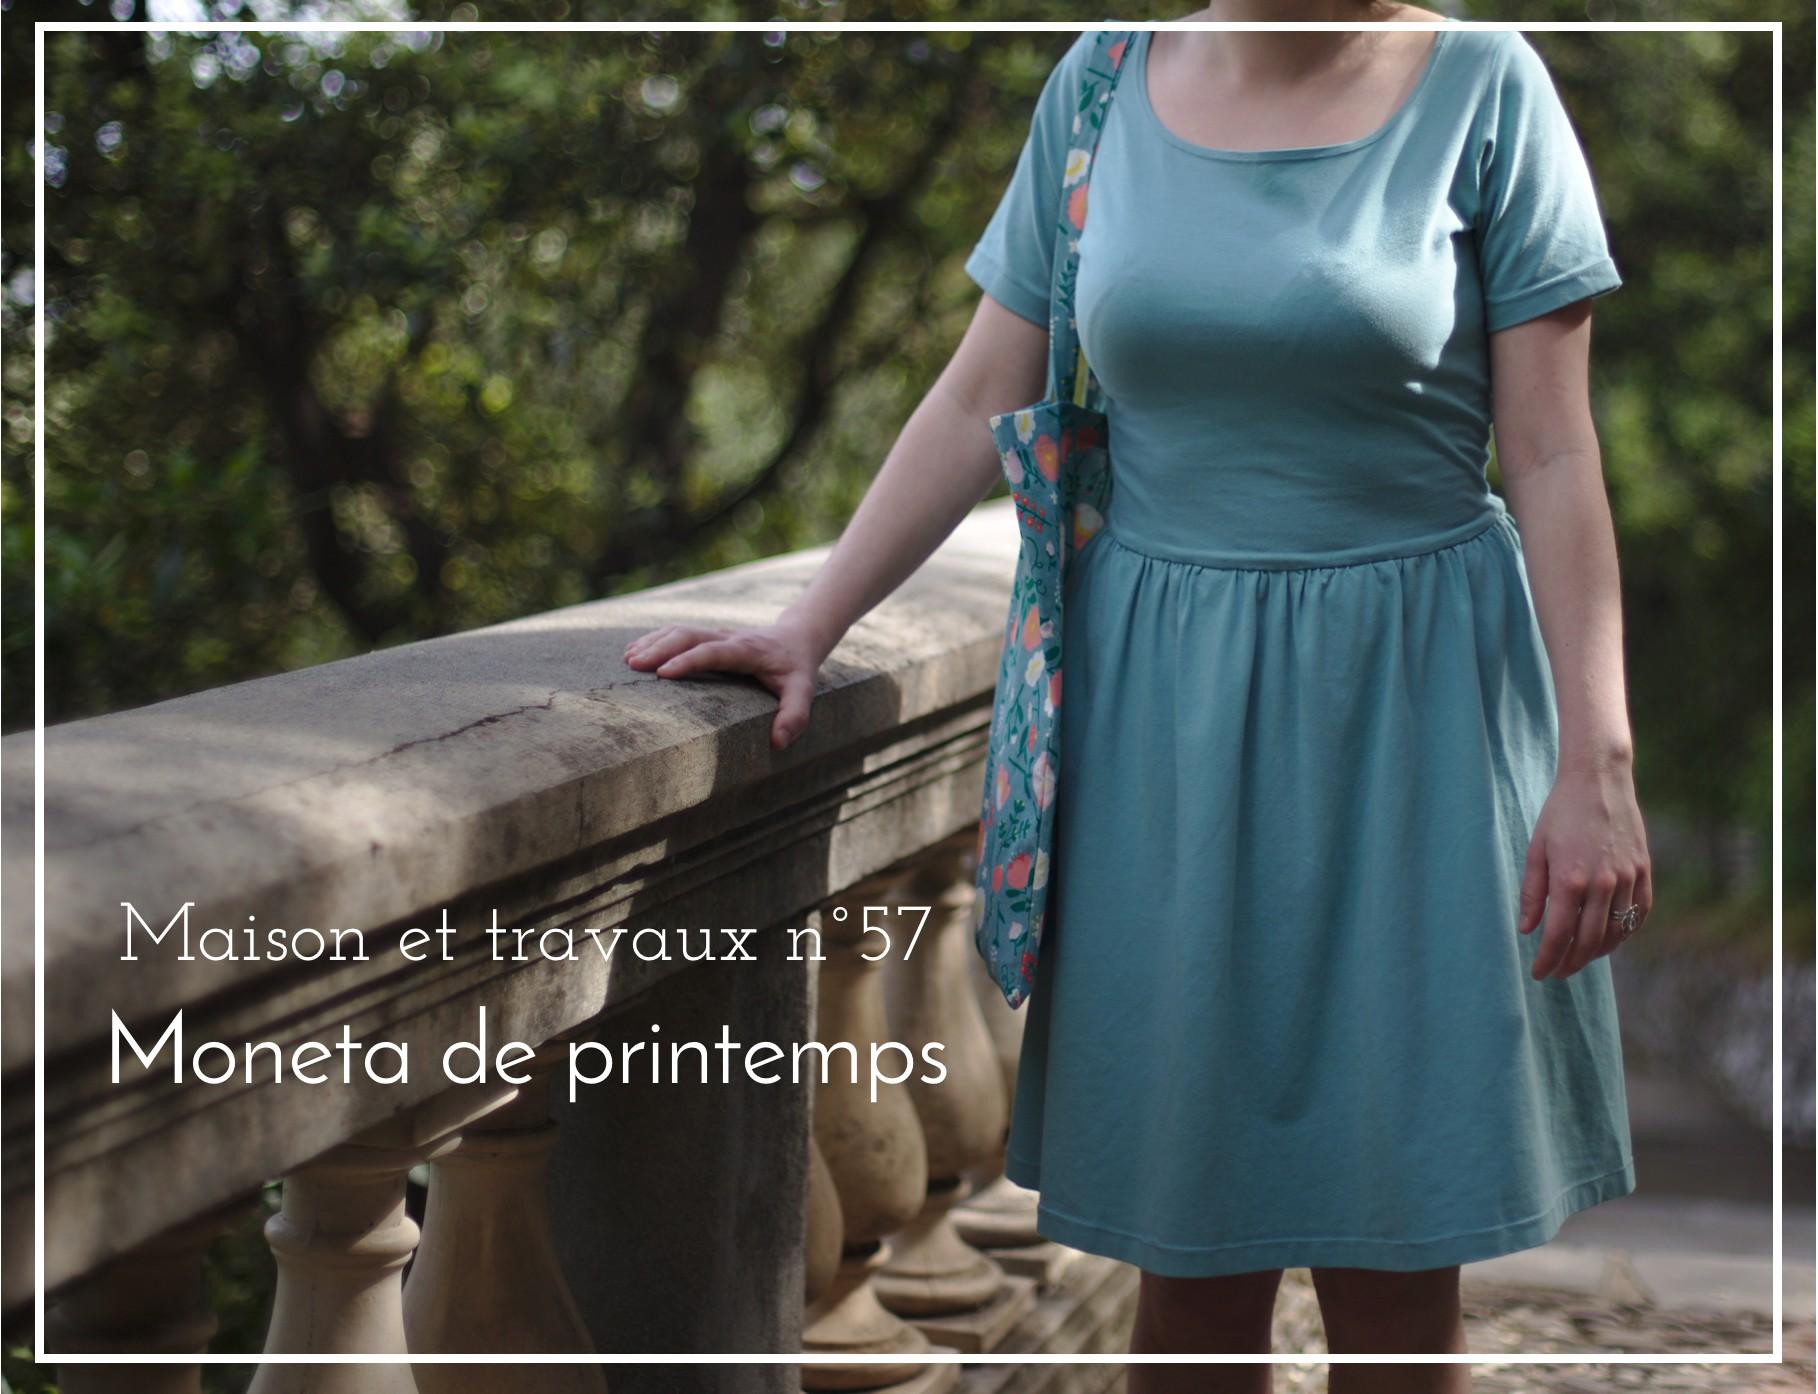 La muse au placard - Moneta - Colette patterns - Printemps